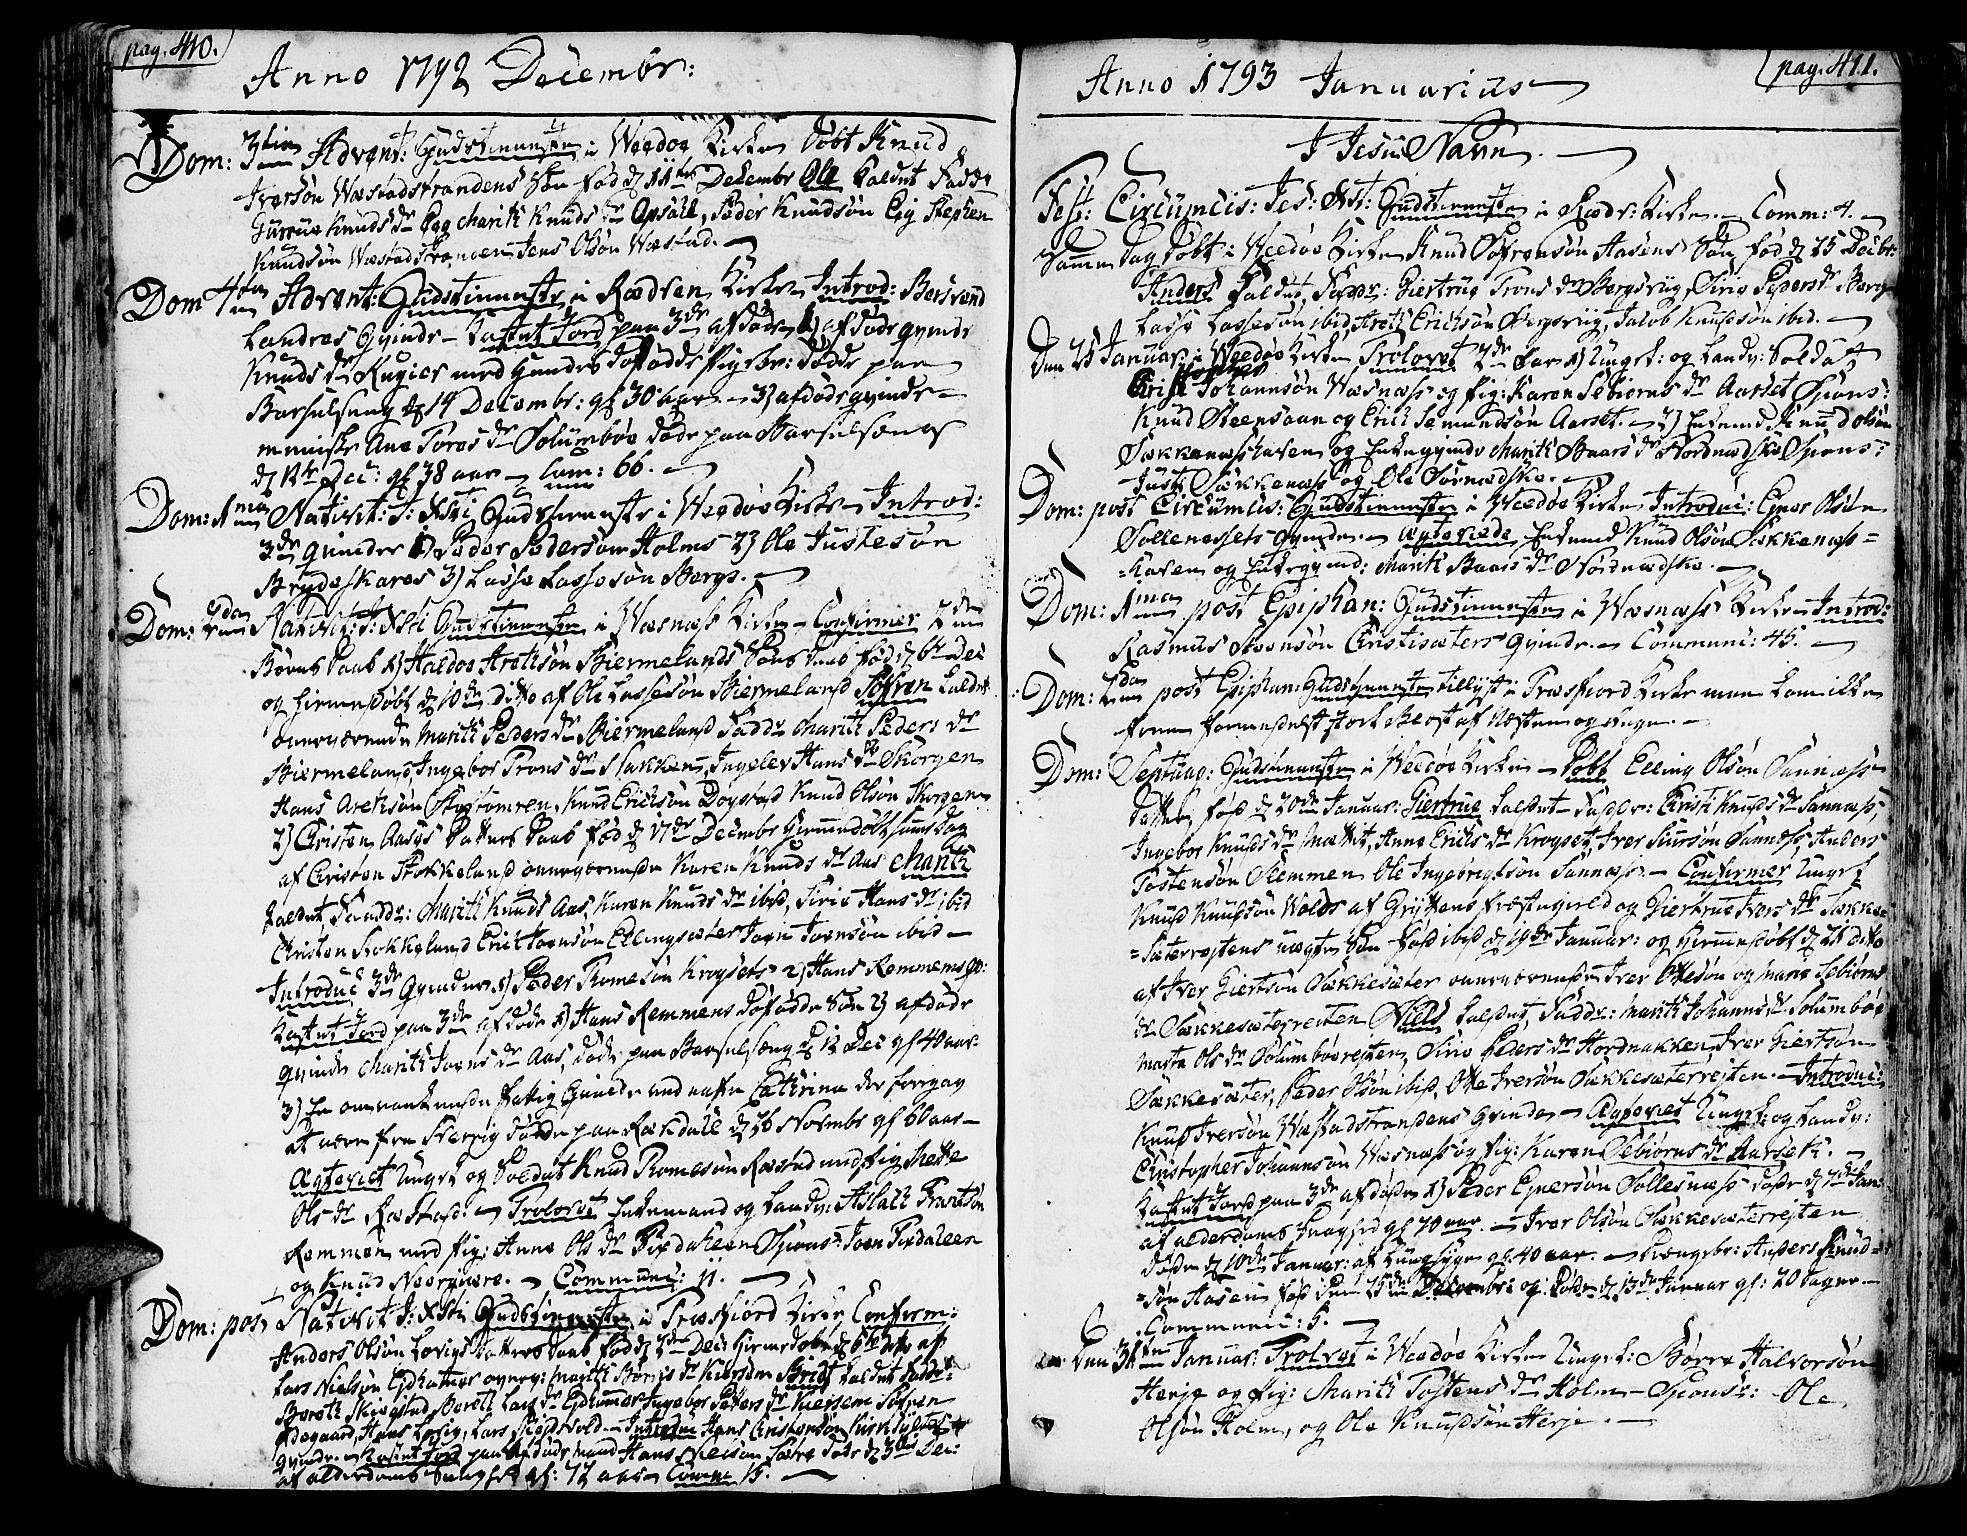 SAT, Ministerialprotokoller, klokkerbøker og fødselsregistre - Møre og Romsdal, 547/L0600: Ministerialbok nr. 547A02, 1765-1799, s. 410-411